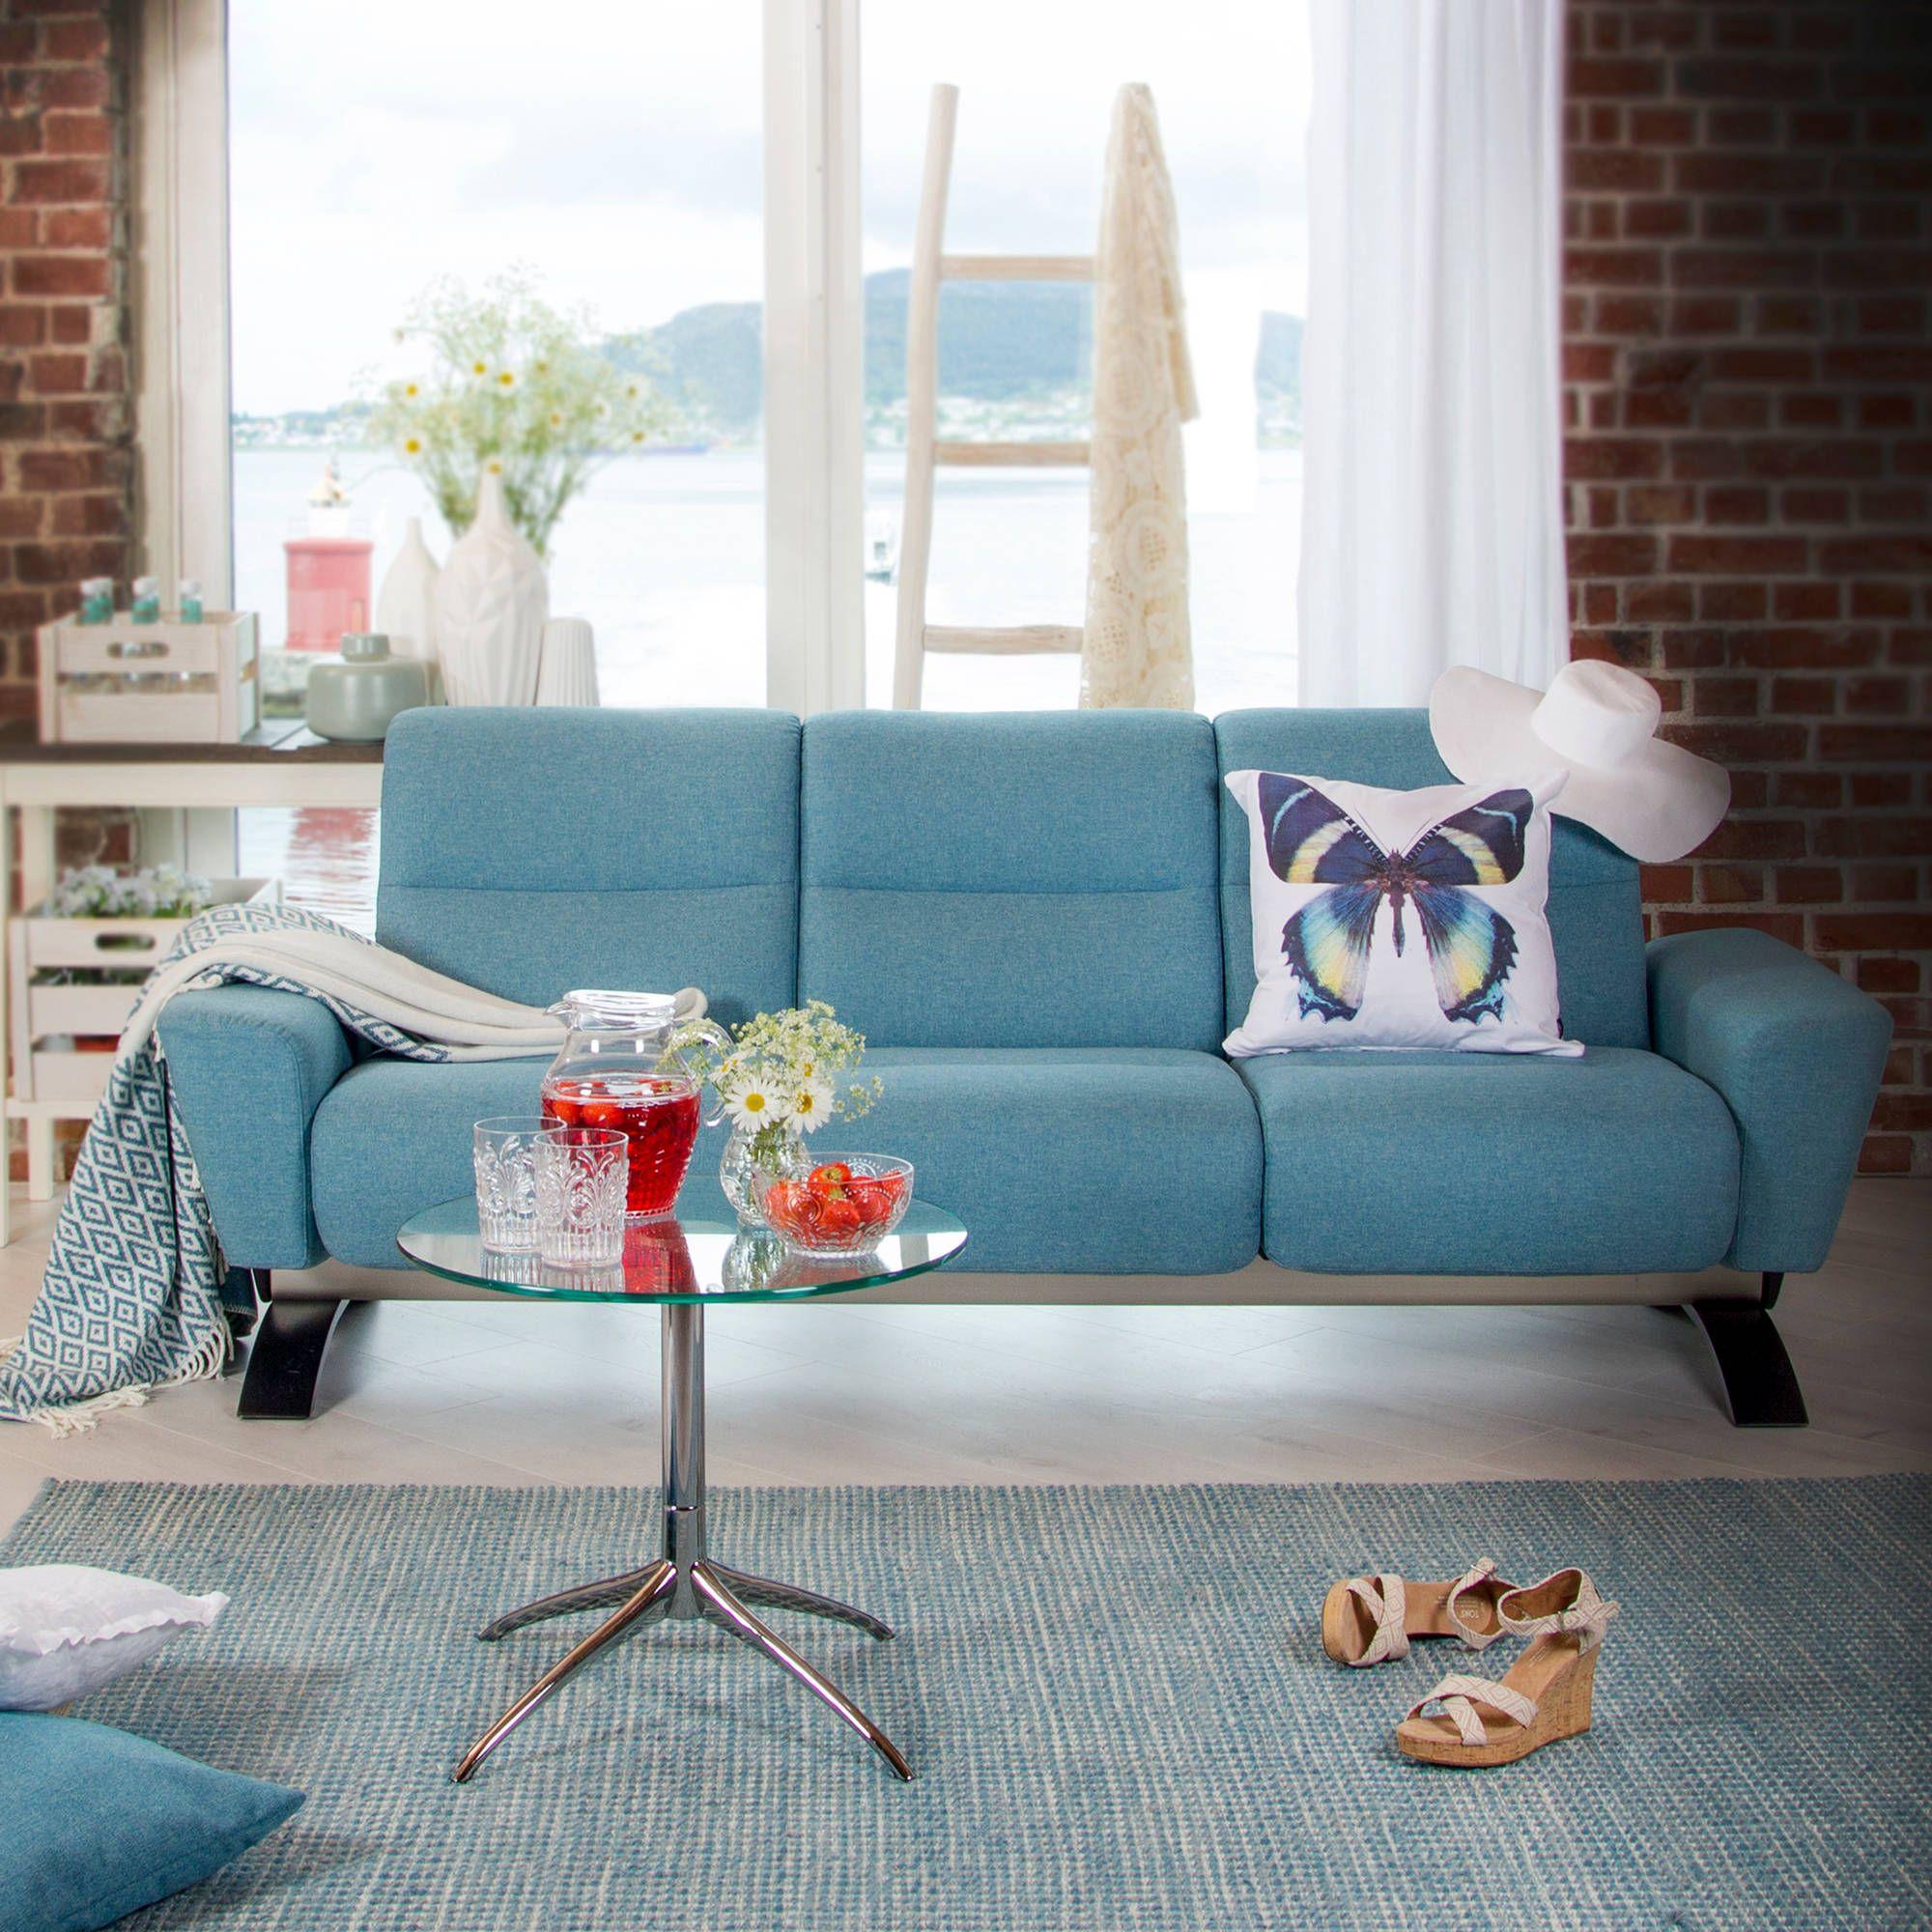 Das Wochenende Kann Kommen Stressless You Julia Sofa Als 3 Sitzer In Der Ausfuhrung Stoff Karma Aqua Beistelltisch Stressless Furniture Sofa Family Room